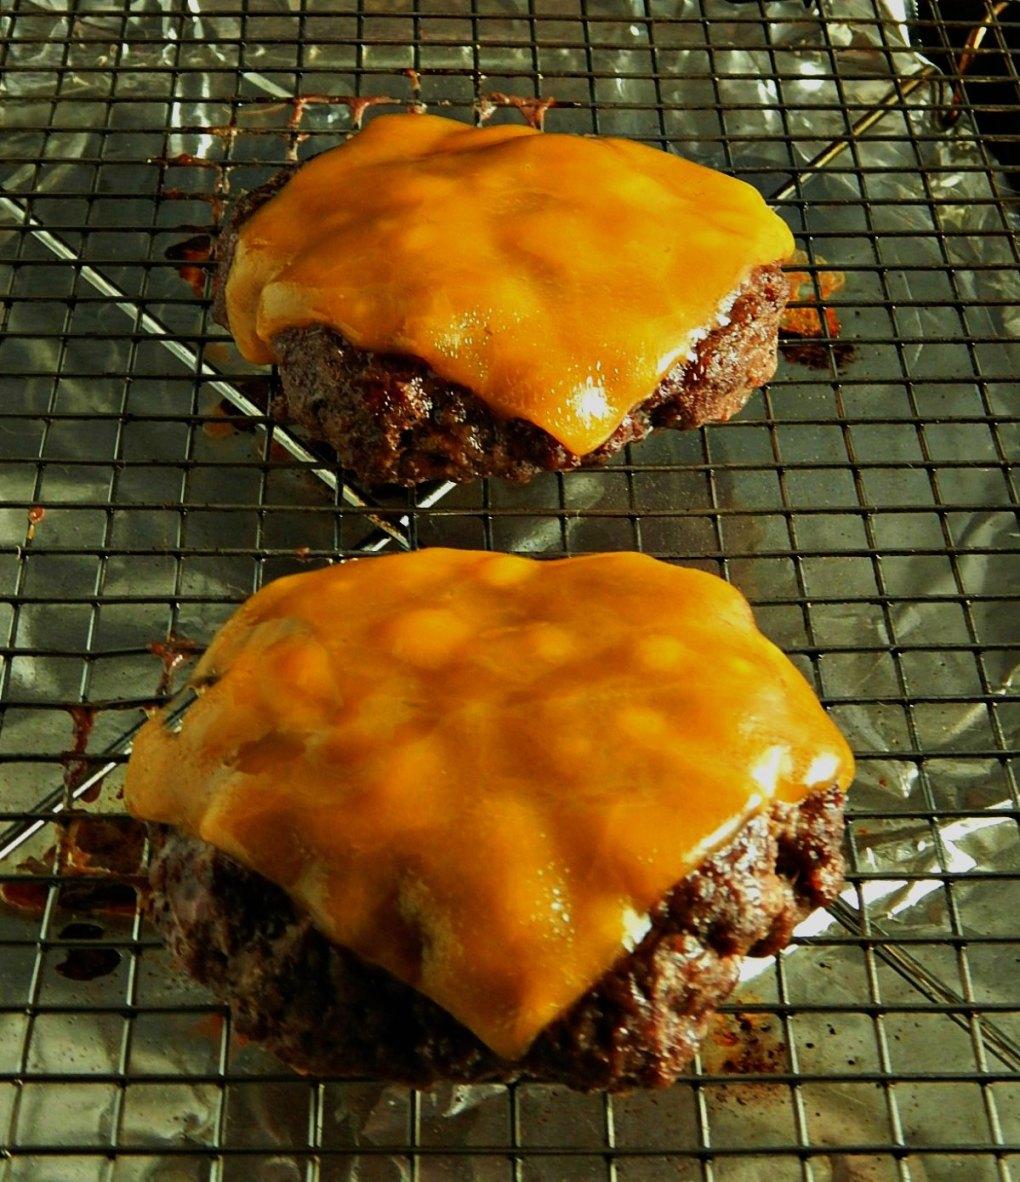 Da Bomb Oven Roasted Burger